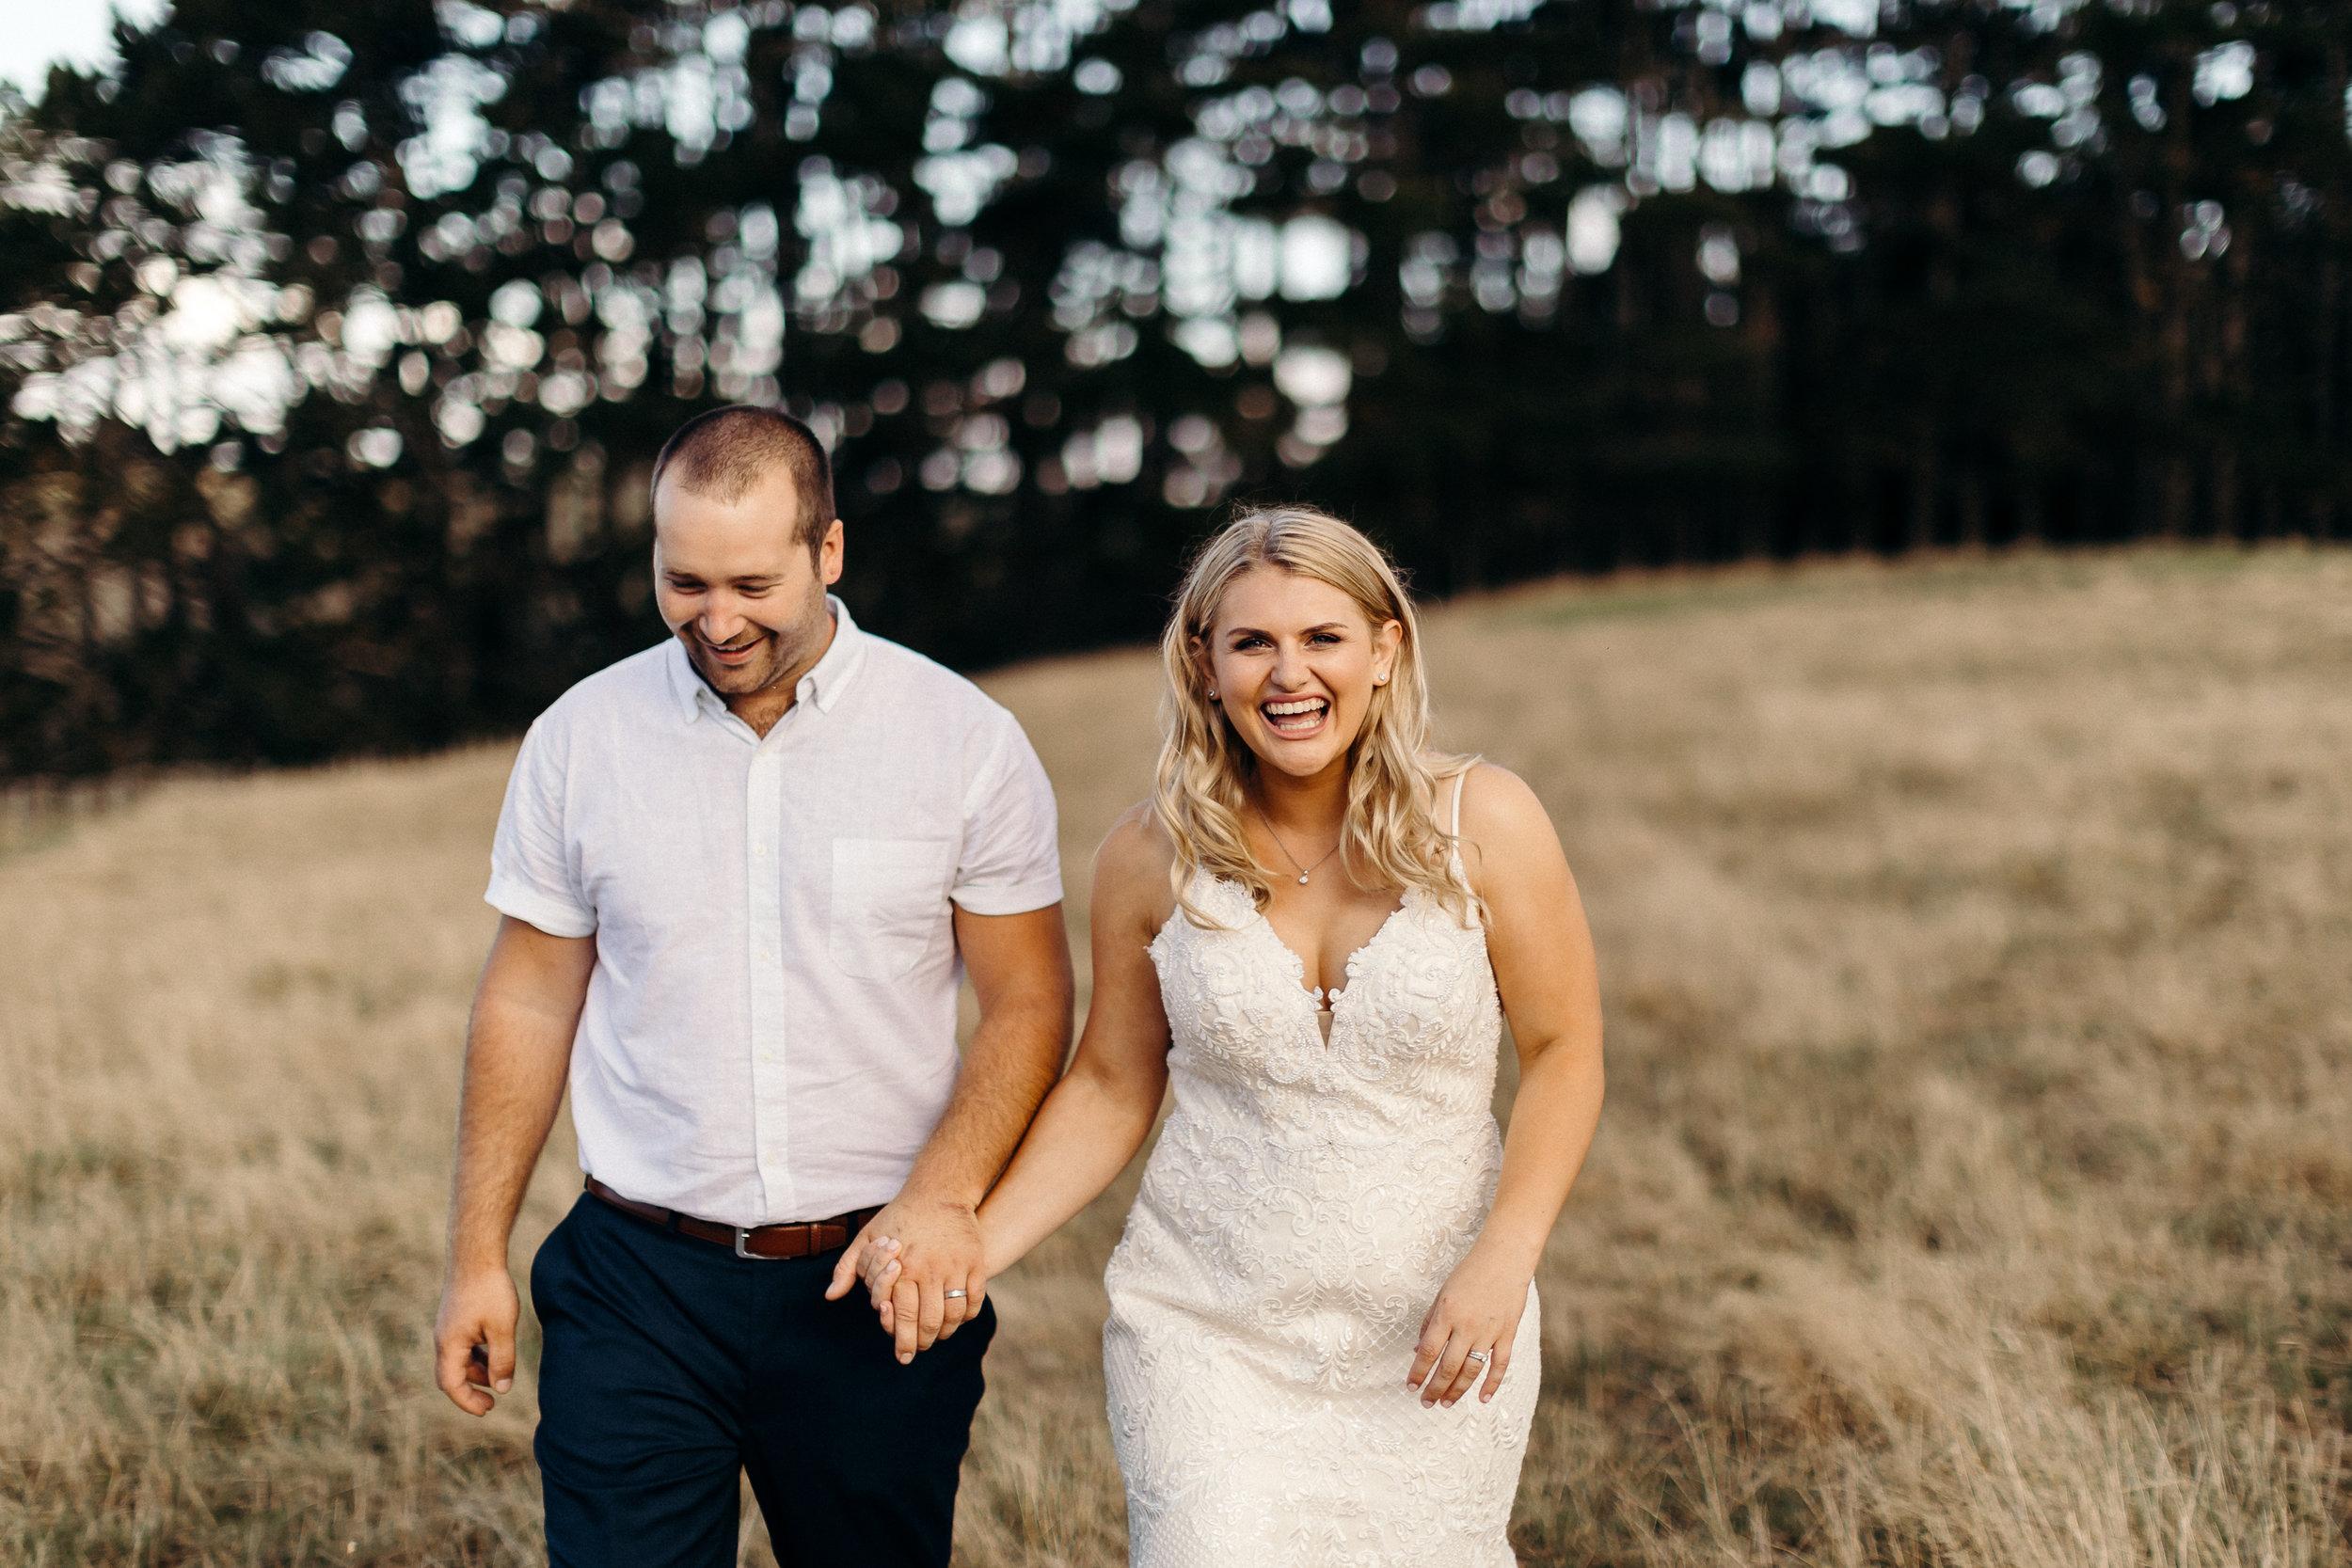 jessie_matt_wedding_021.jpg